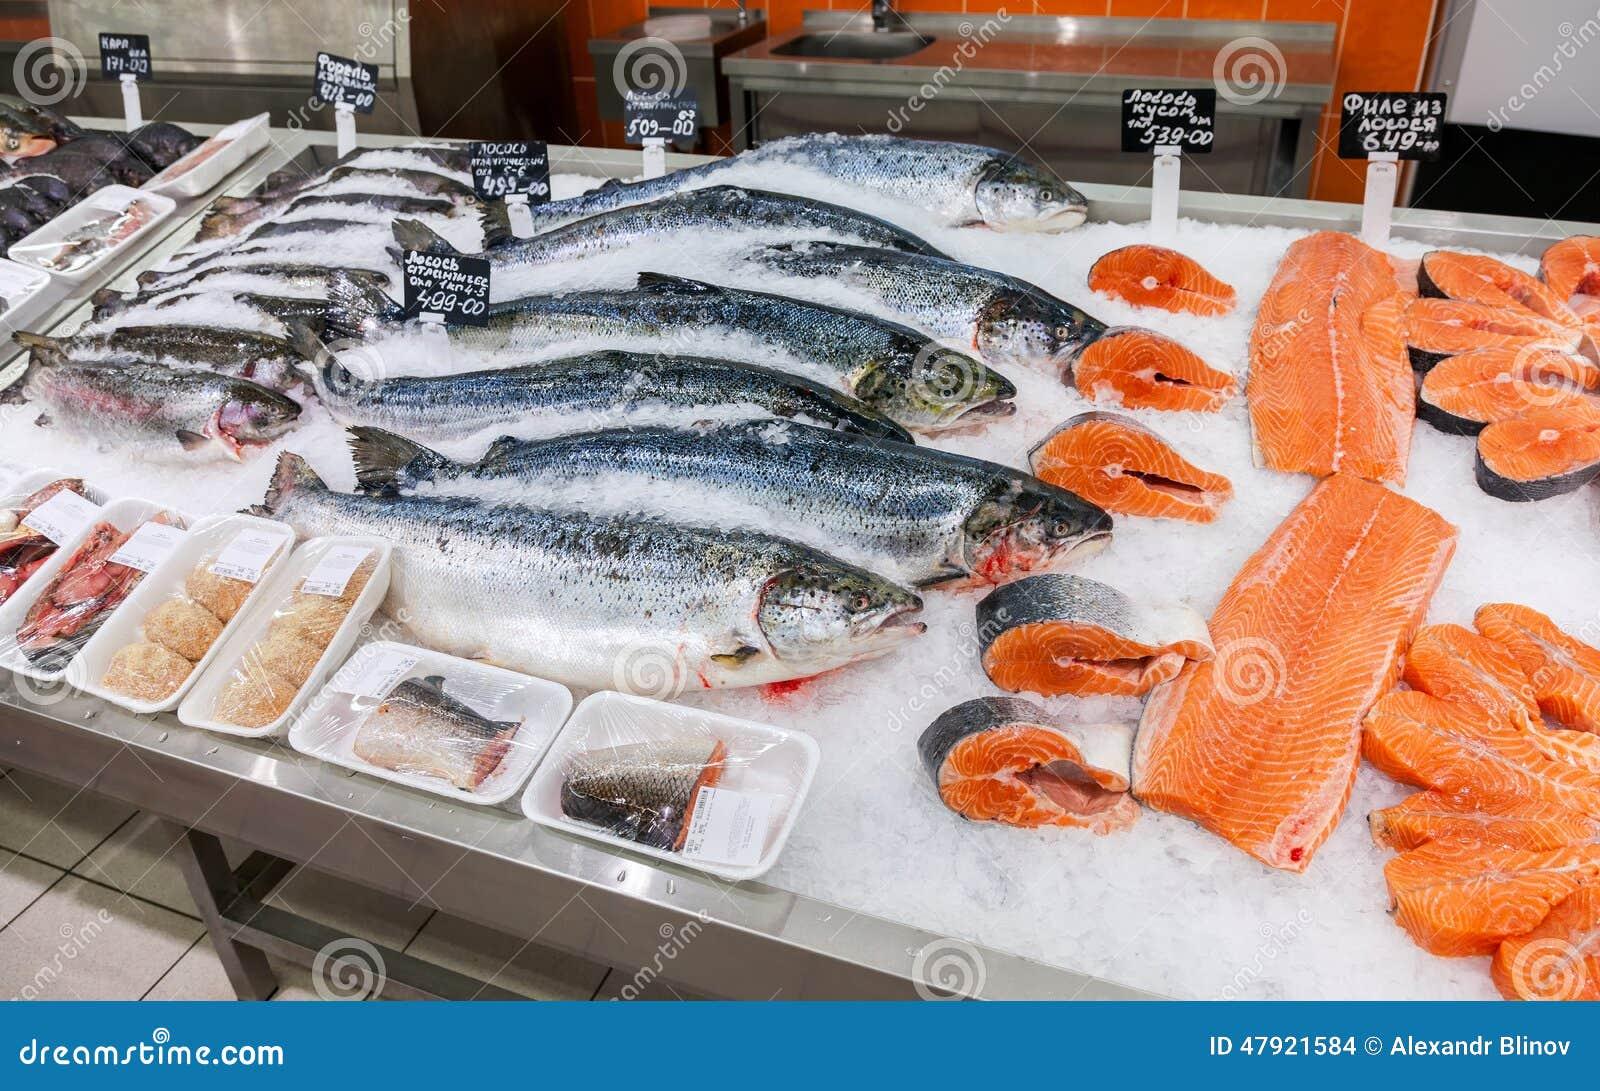 Как выбрать качественную рыбу